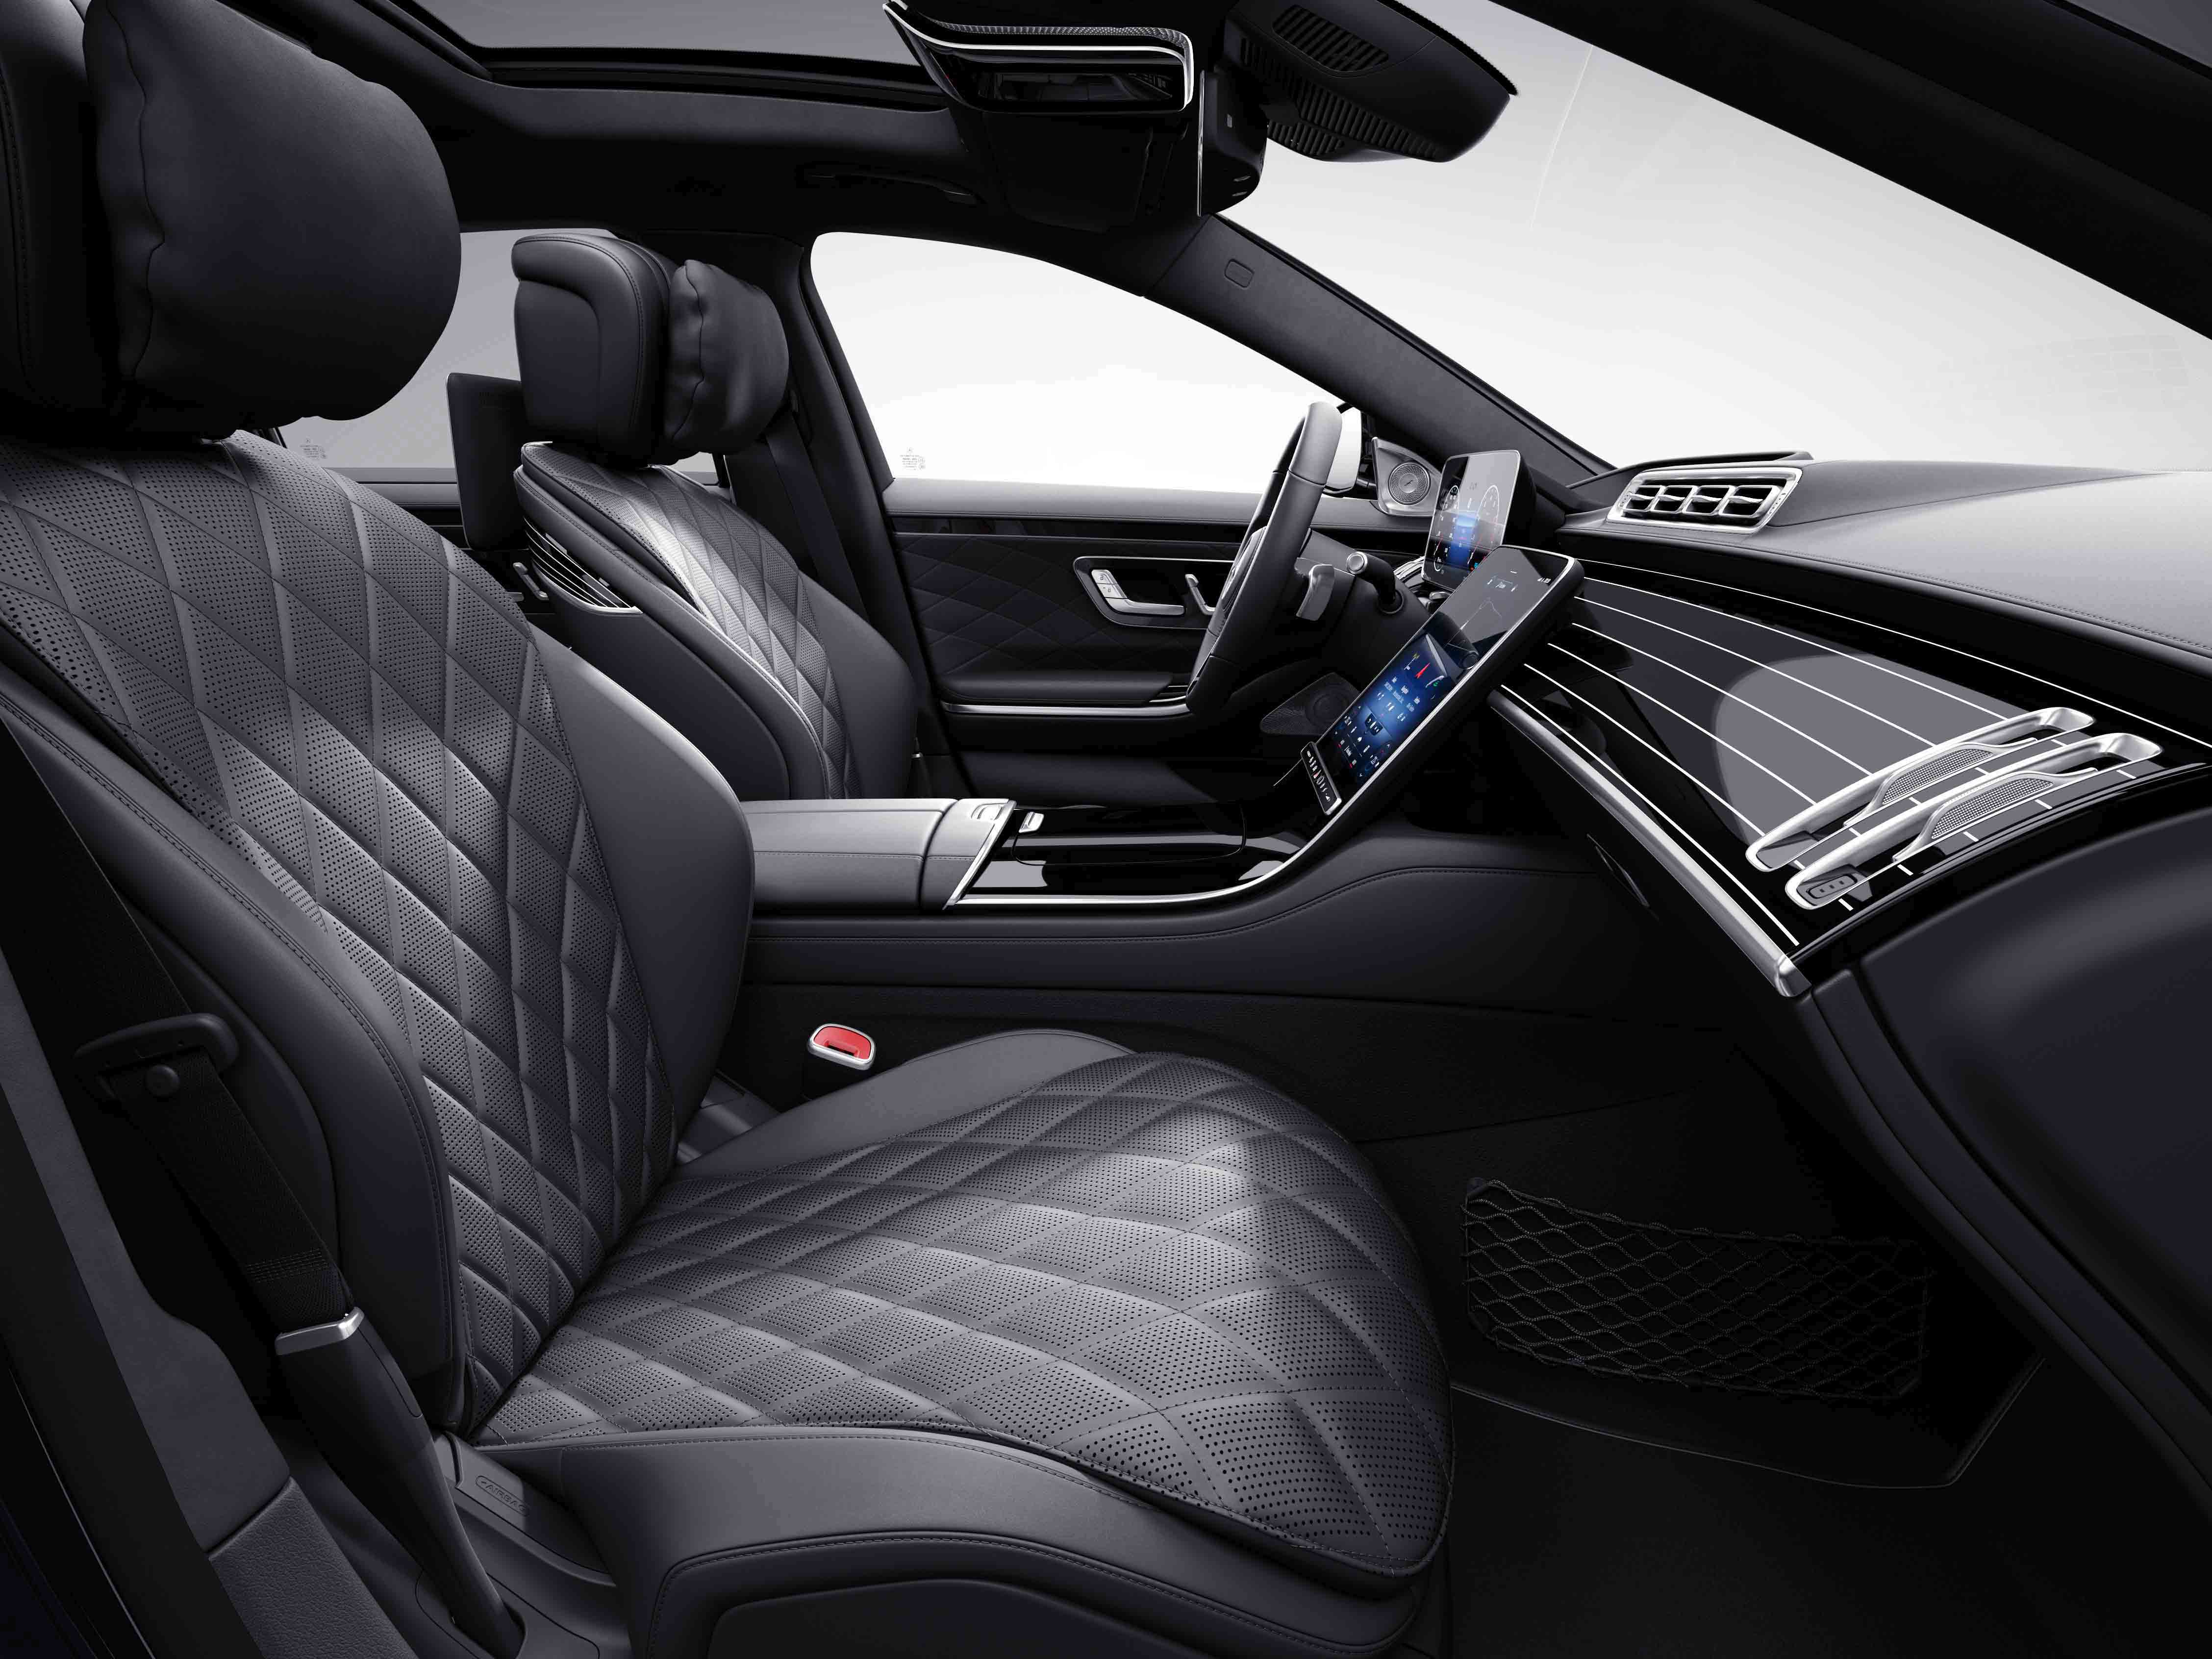 Habitacle de la Mercedes Classe S Limousine avec une sellerie cuir nappa - porcelaine noir